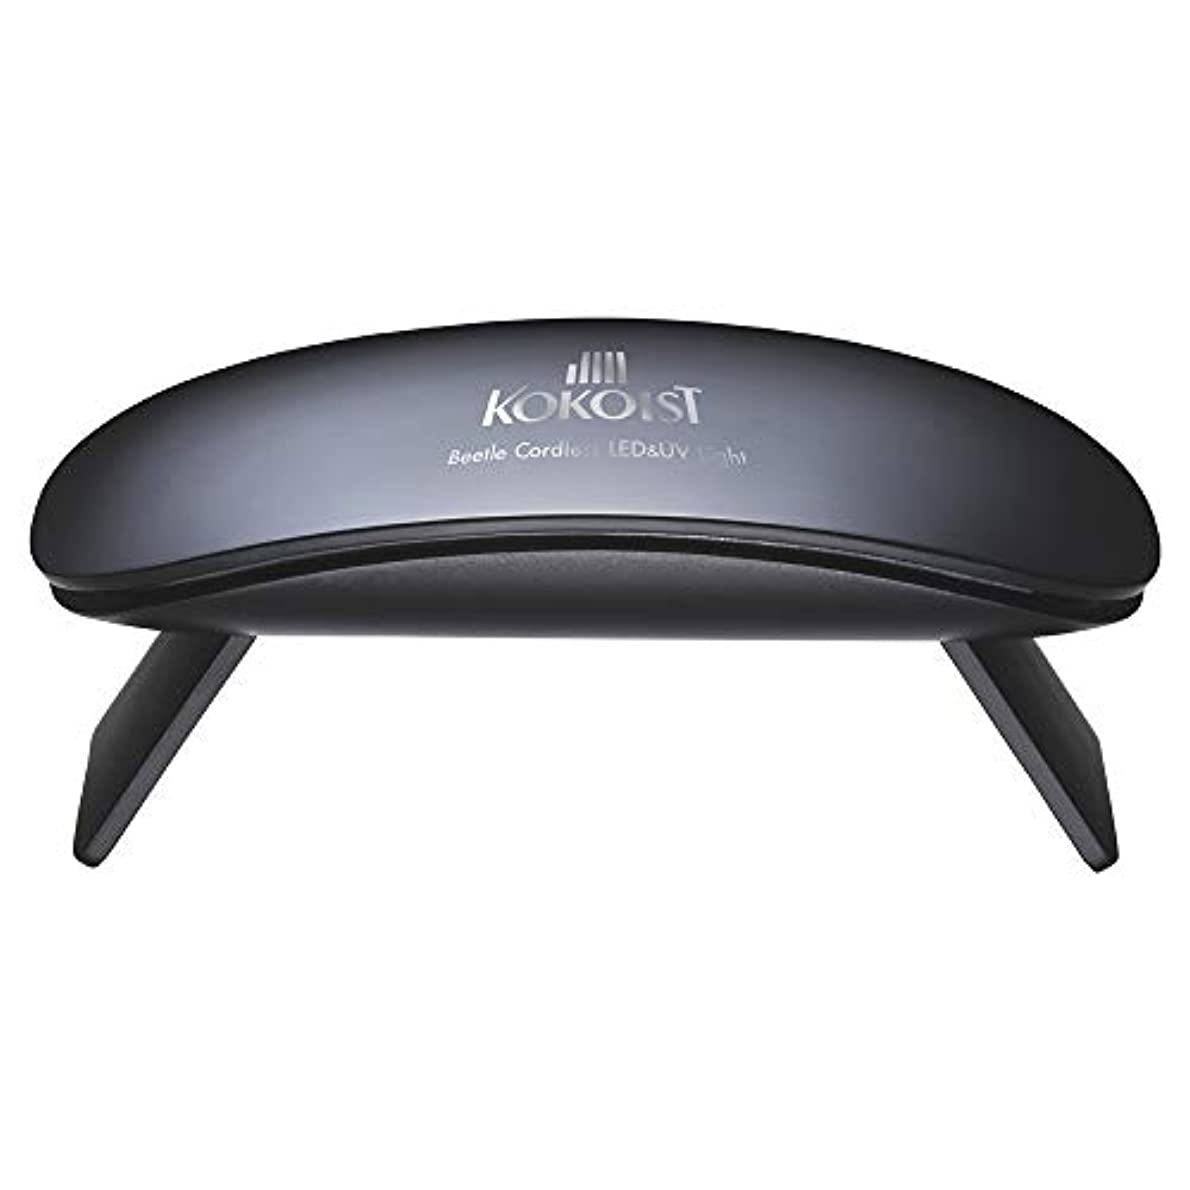 シールラブカヌーココイスト KOKOIST BeetleコードレスLED&UVライト 9W セット 本体+USBコード